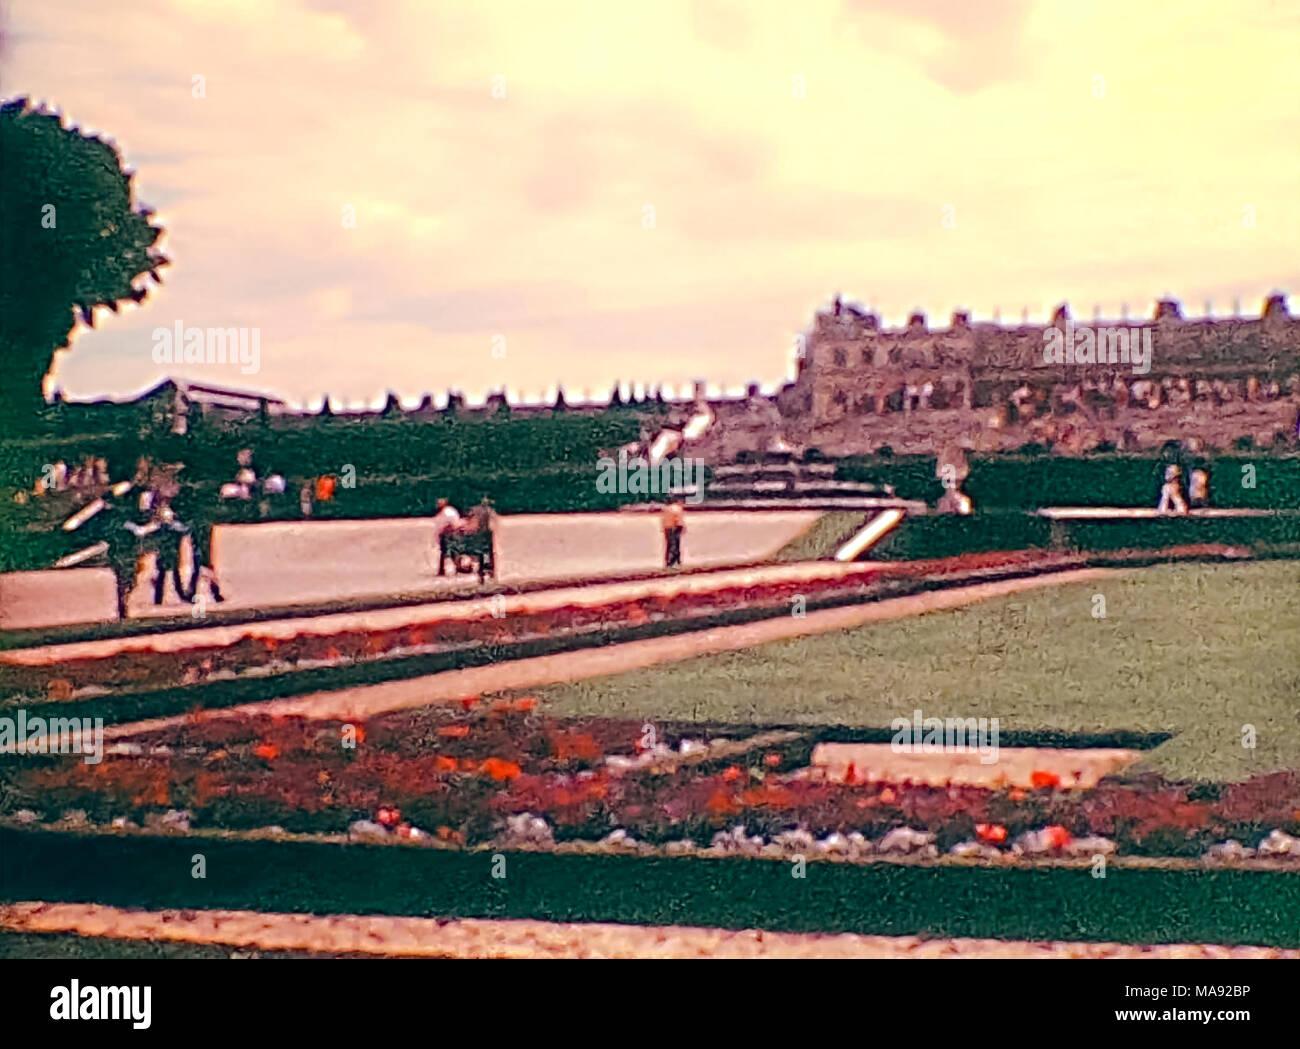 Pariser Palast von Versailles im Versailler Garten von Paris im Jahr 1976. Historisches Archivmaterial in Paris Stadt Frankreichs in den 1970er Jahren. Stockbild